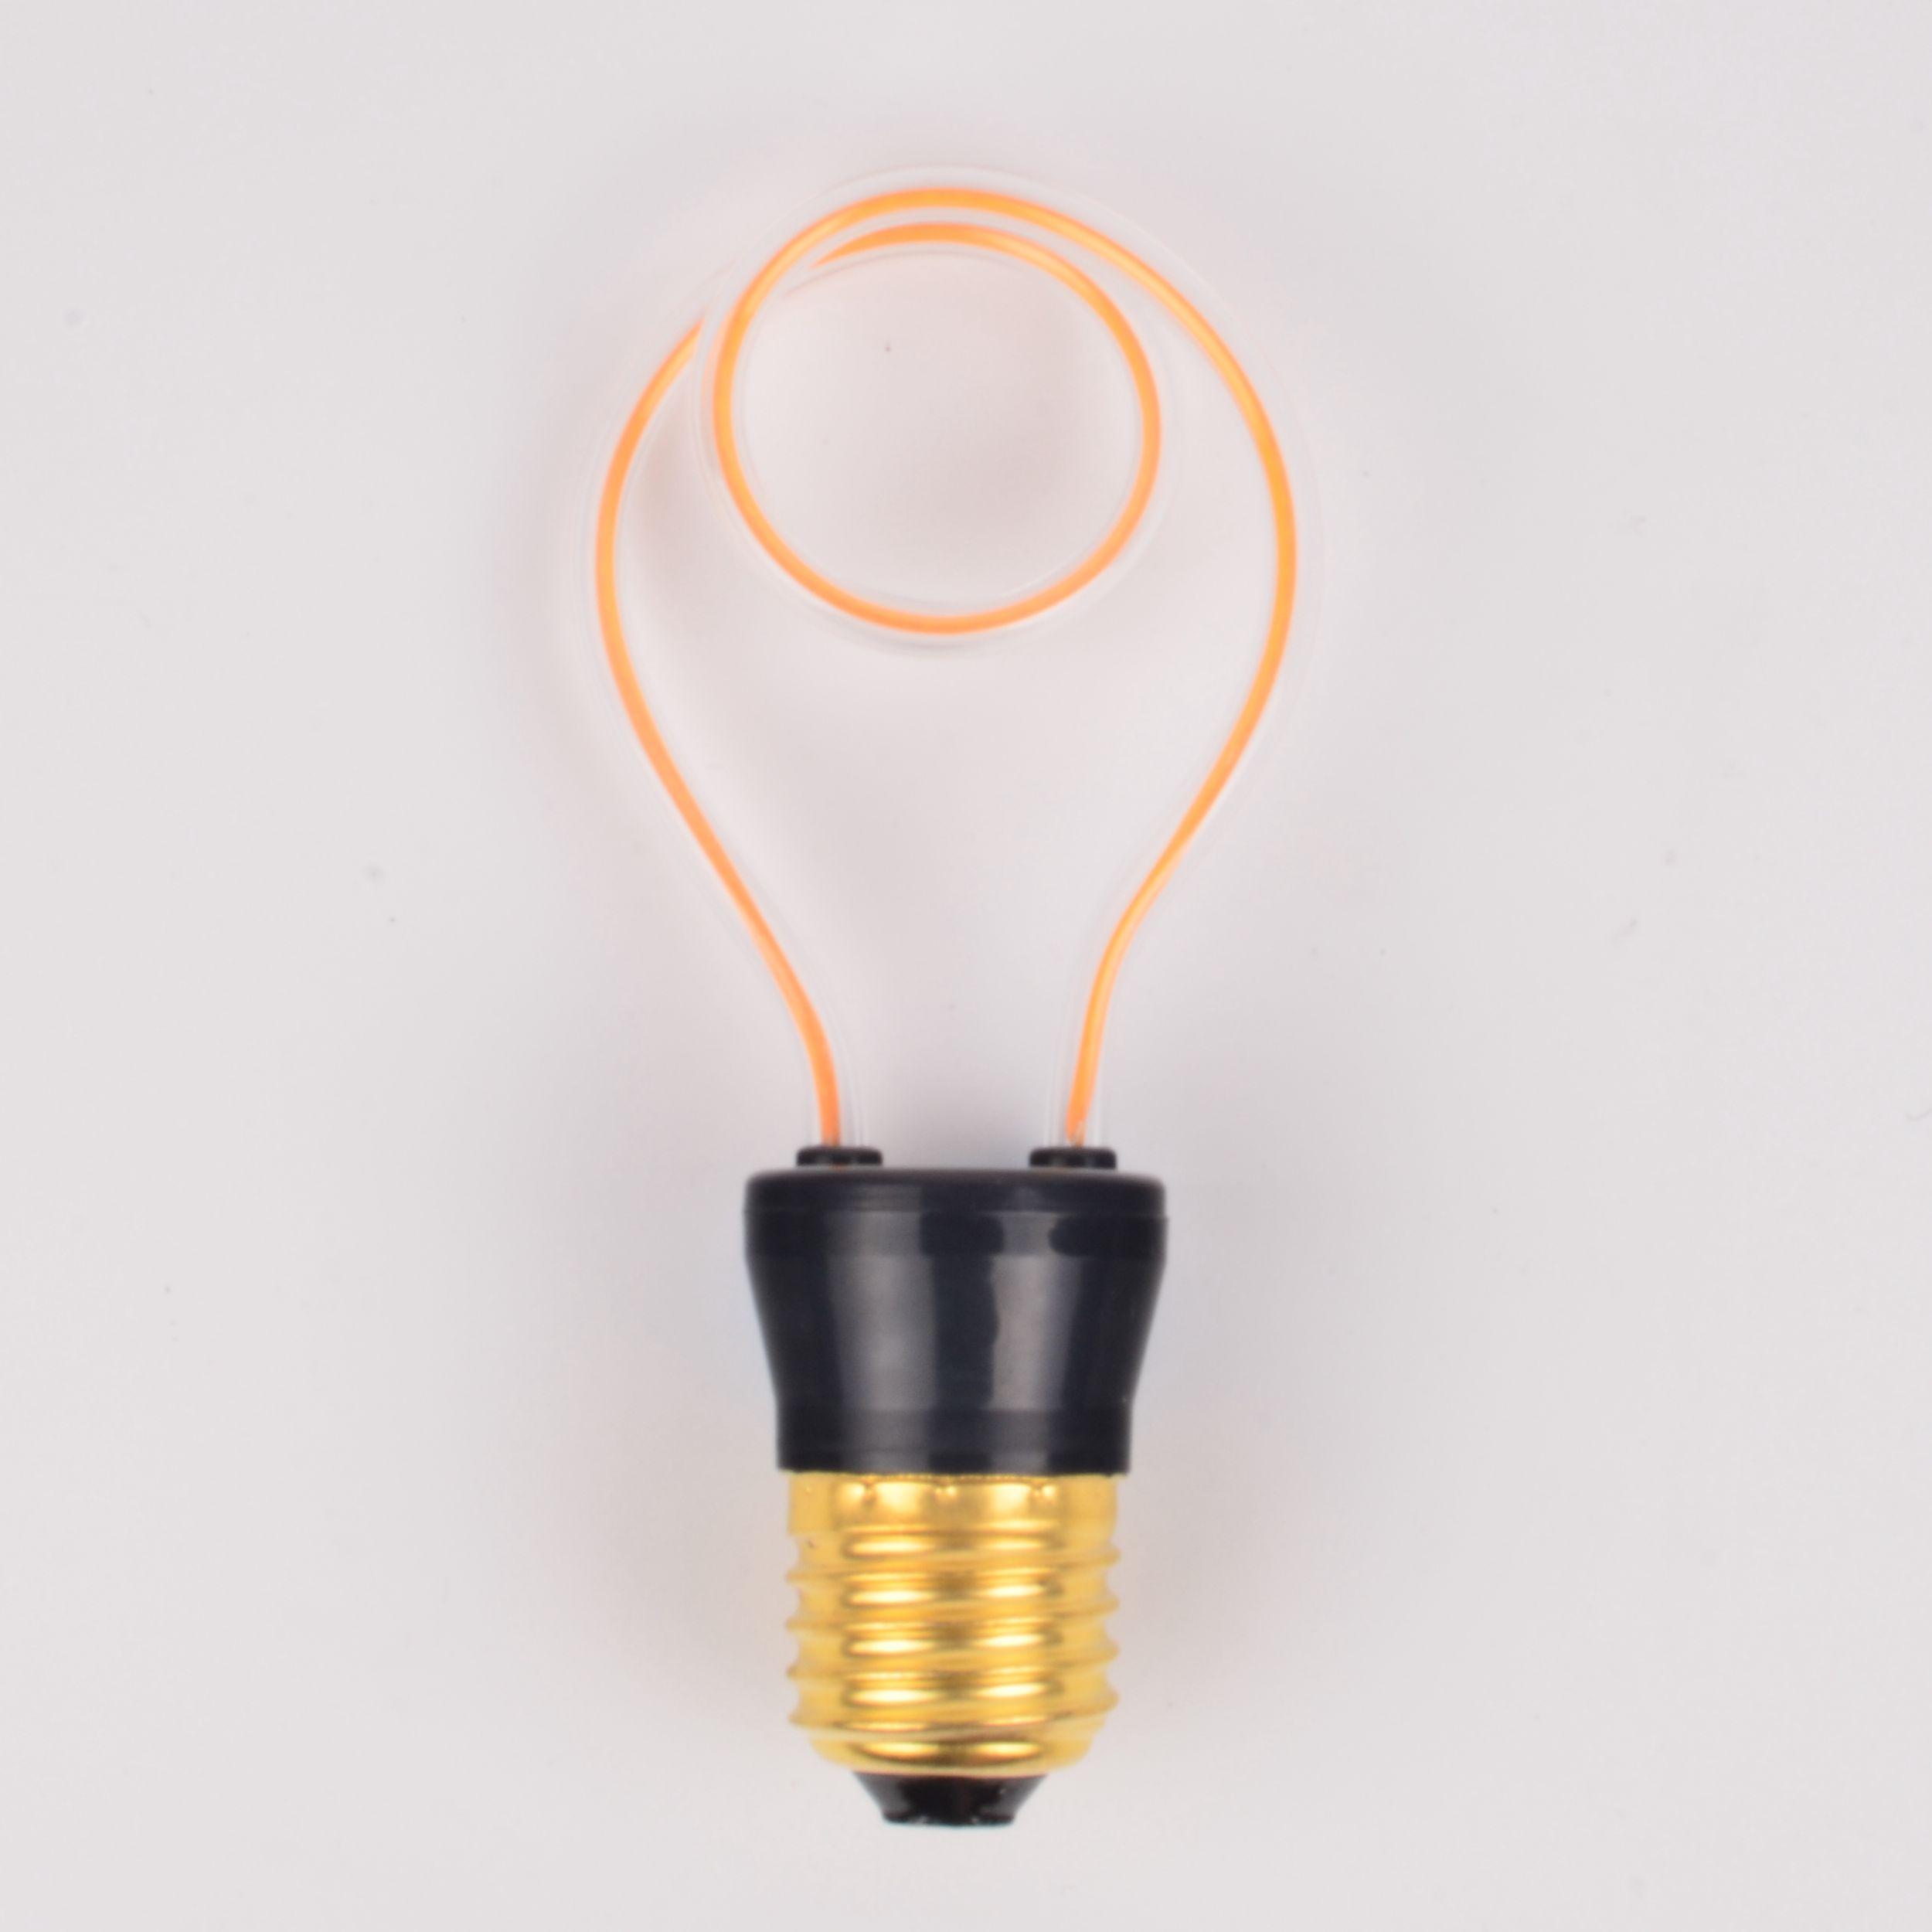 LED filament Atmospheric lamp